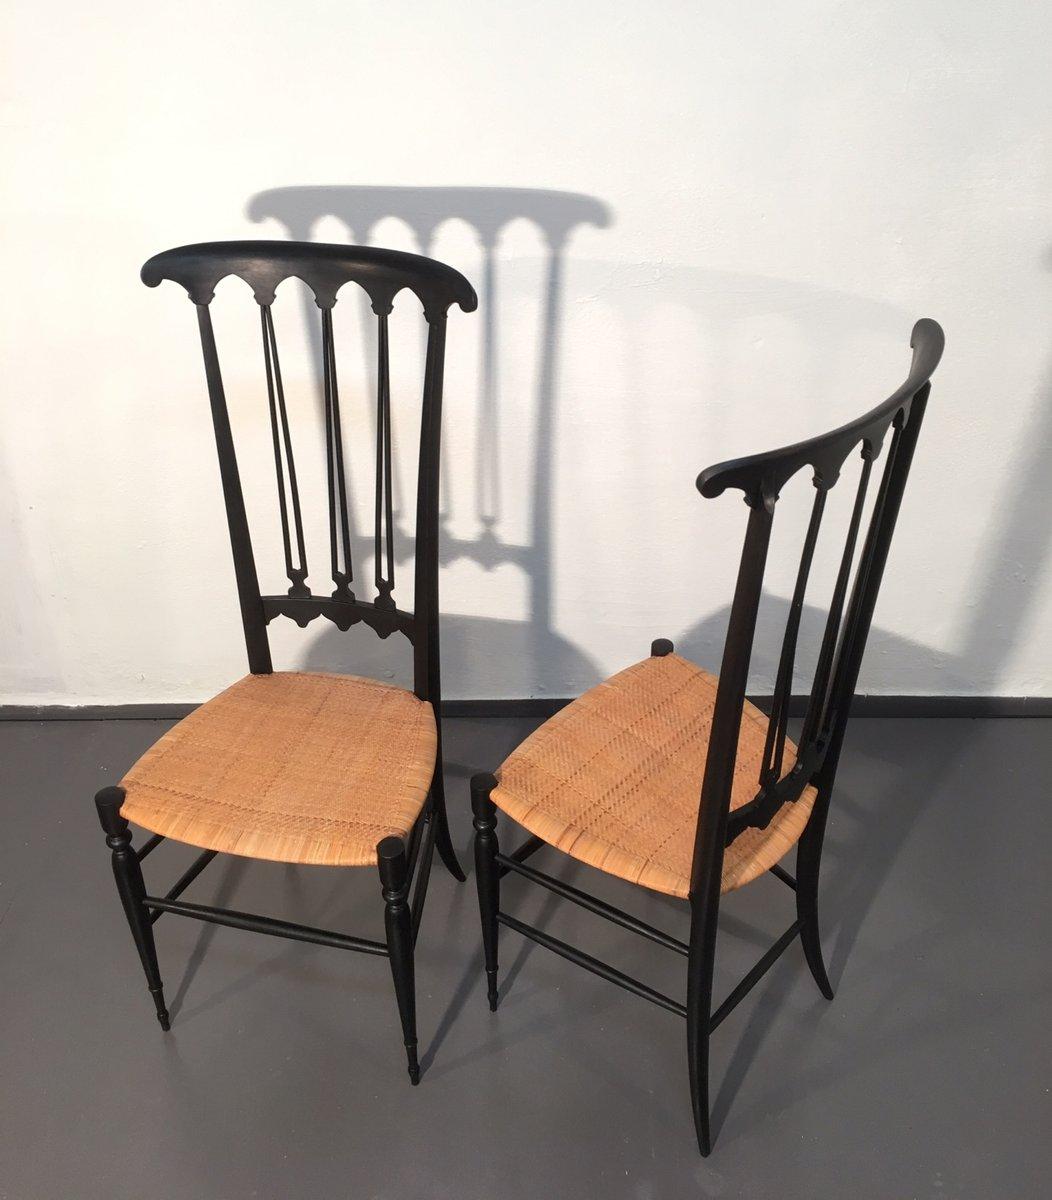 Cool sedie chiavari midcentury nere set di with sedie nere for Sedie nere ikea